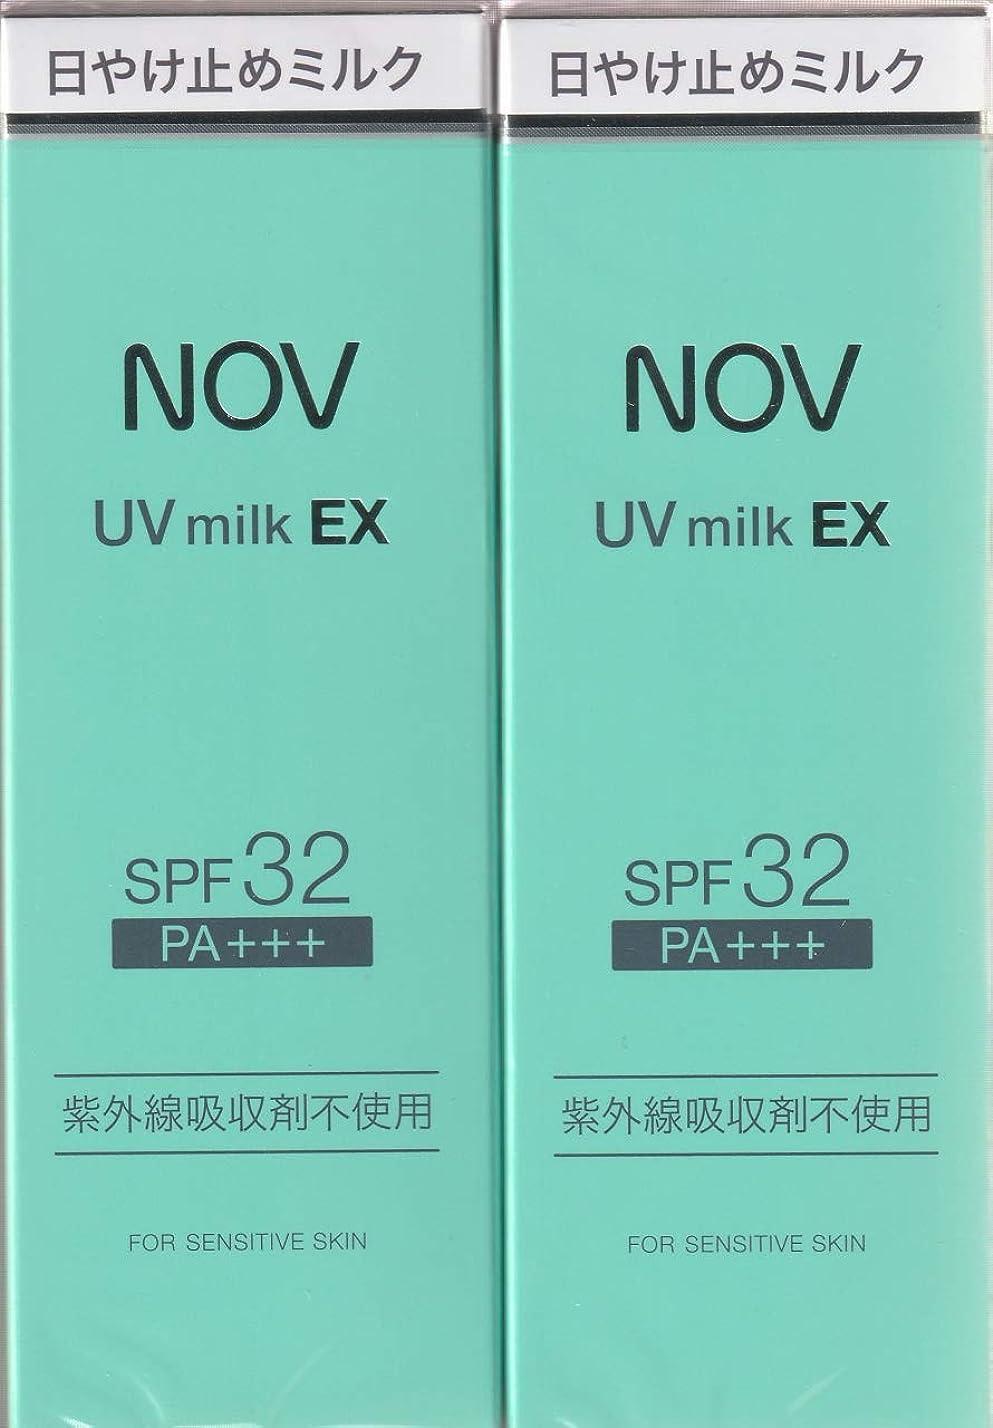 コテージフリルヒットノブ UVミルク EX 35g×2箱セット (日やけ止めミルク)